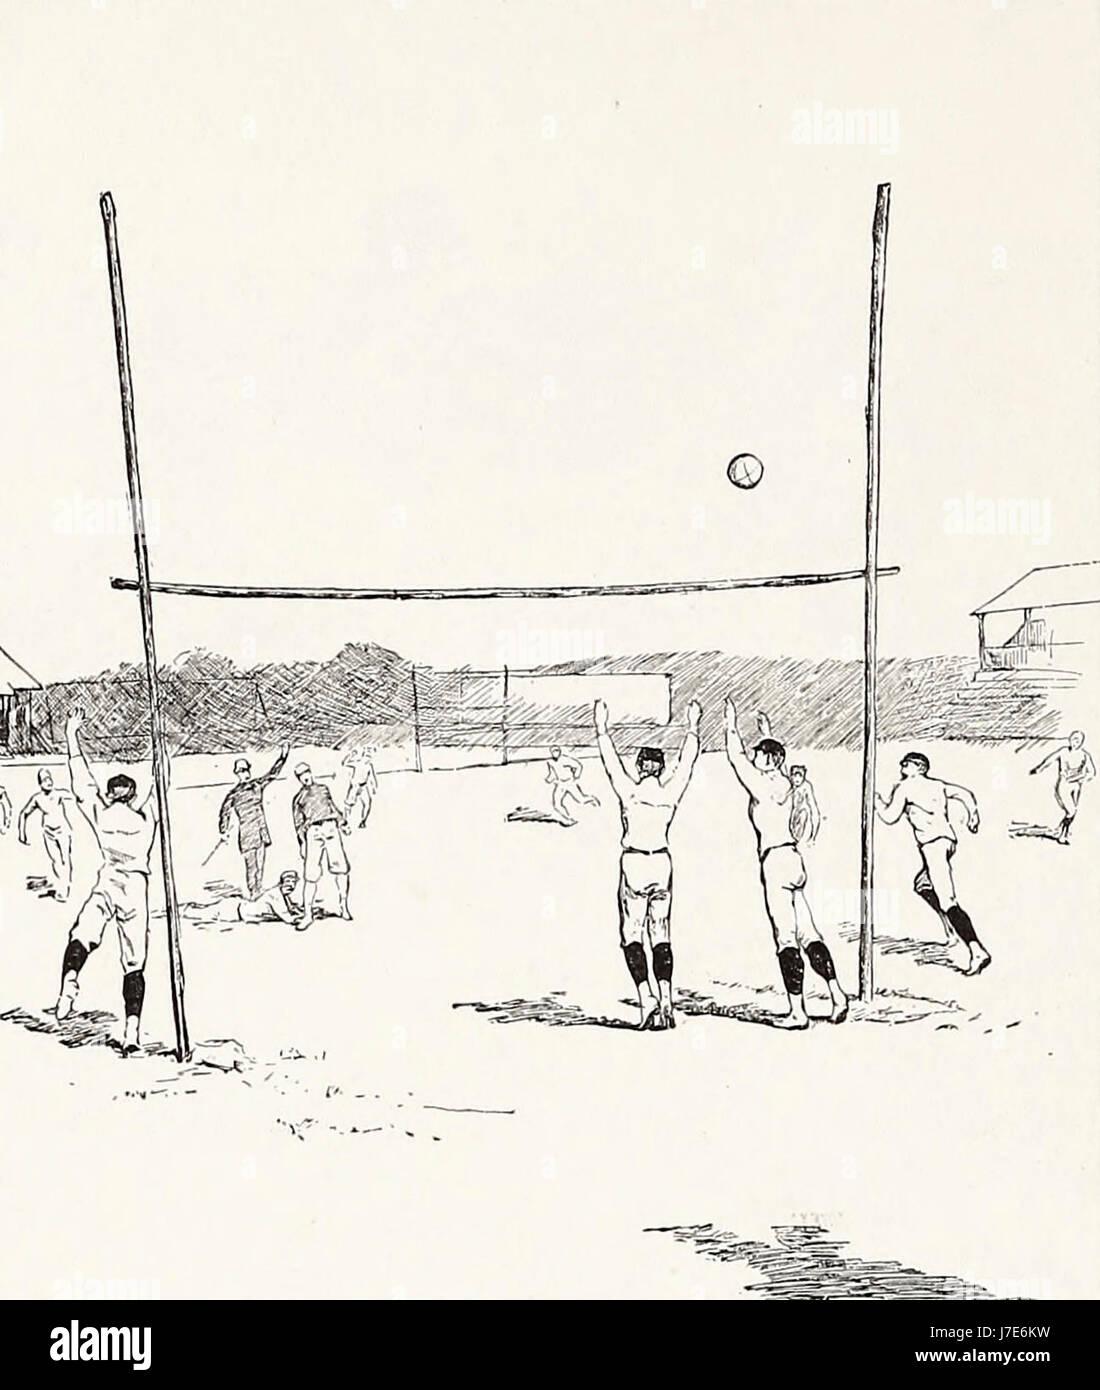 Un Field Goal - Football americano, 1887 Immagini Stock